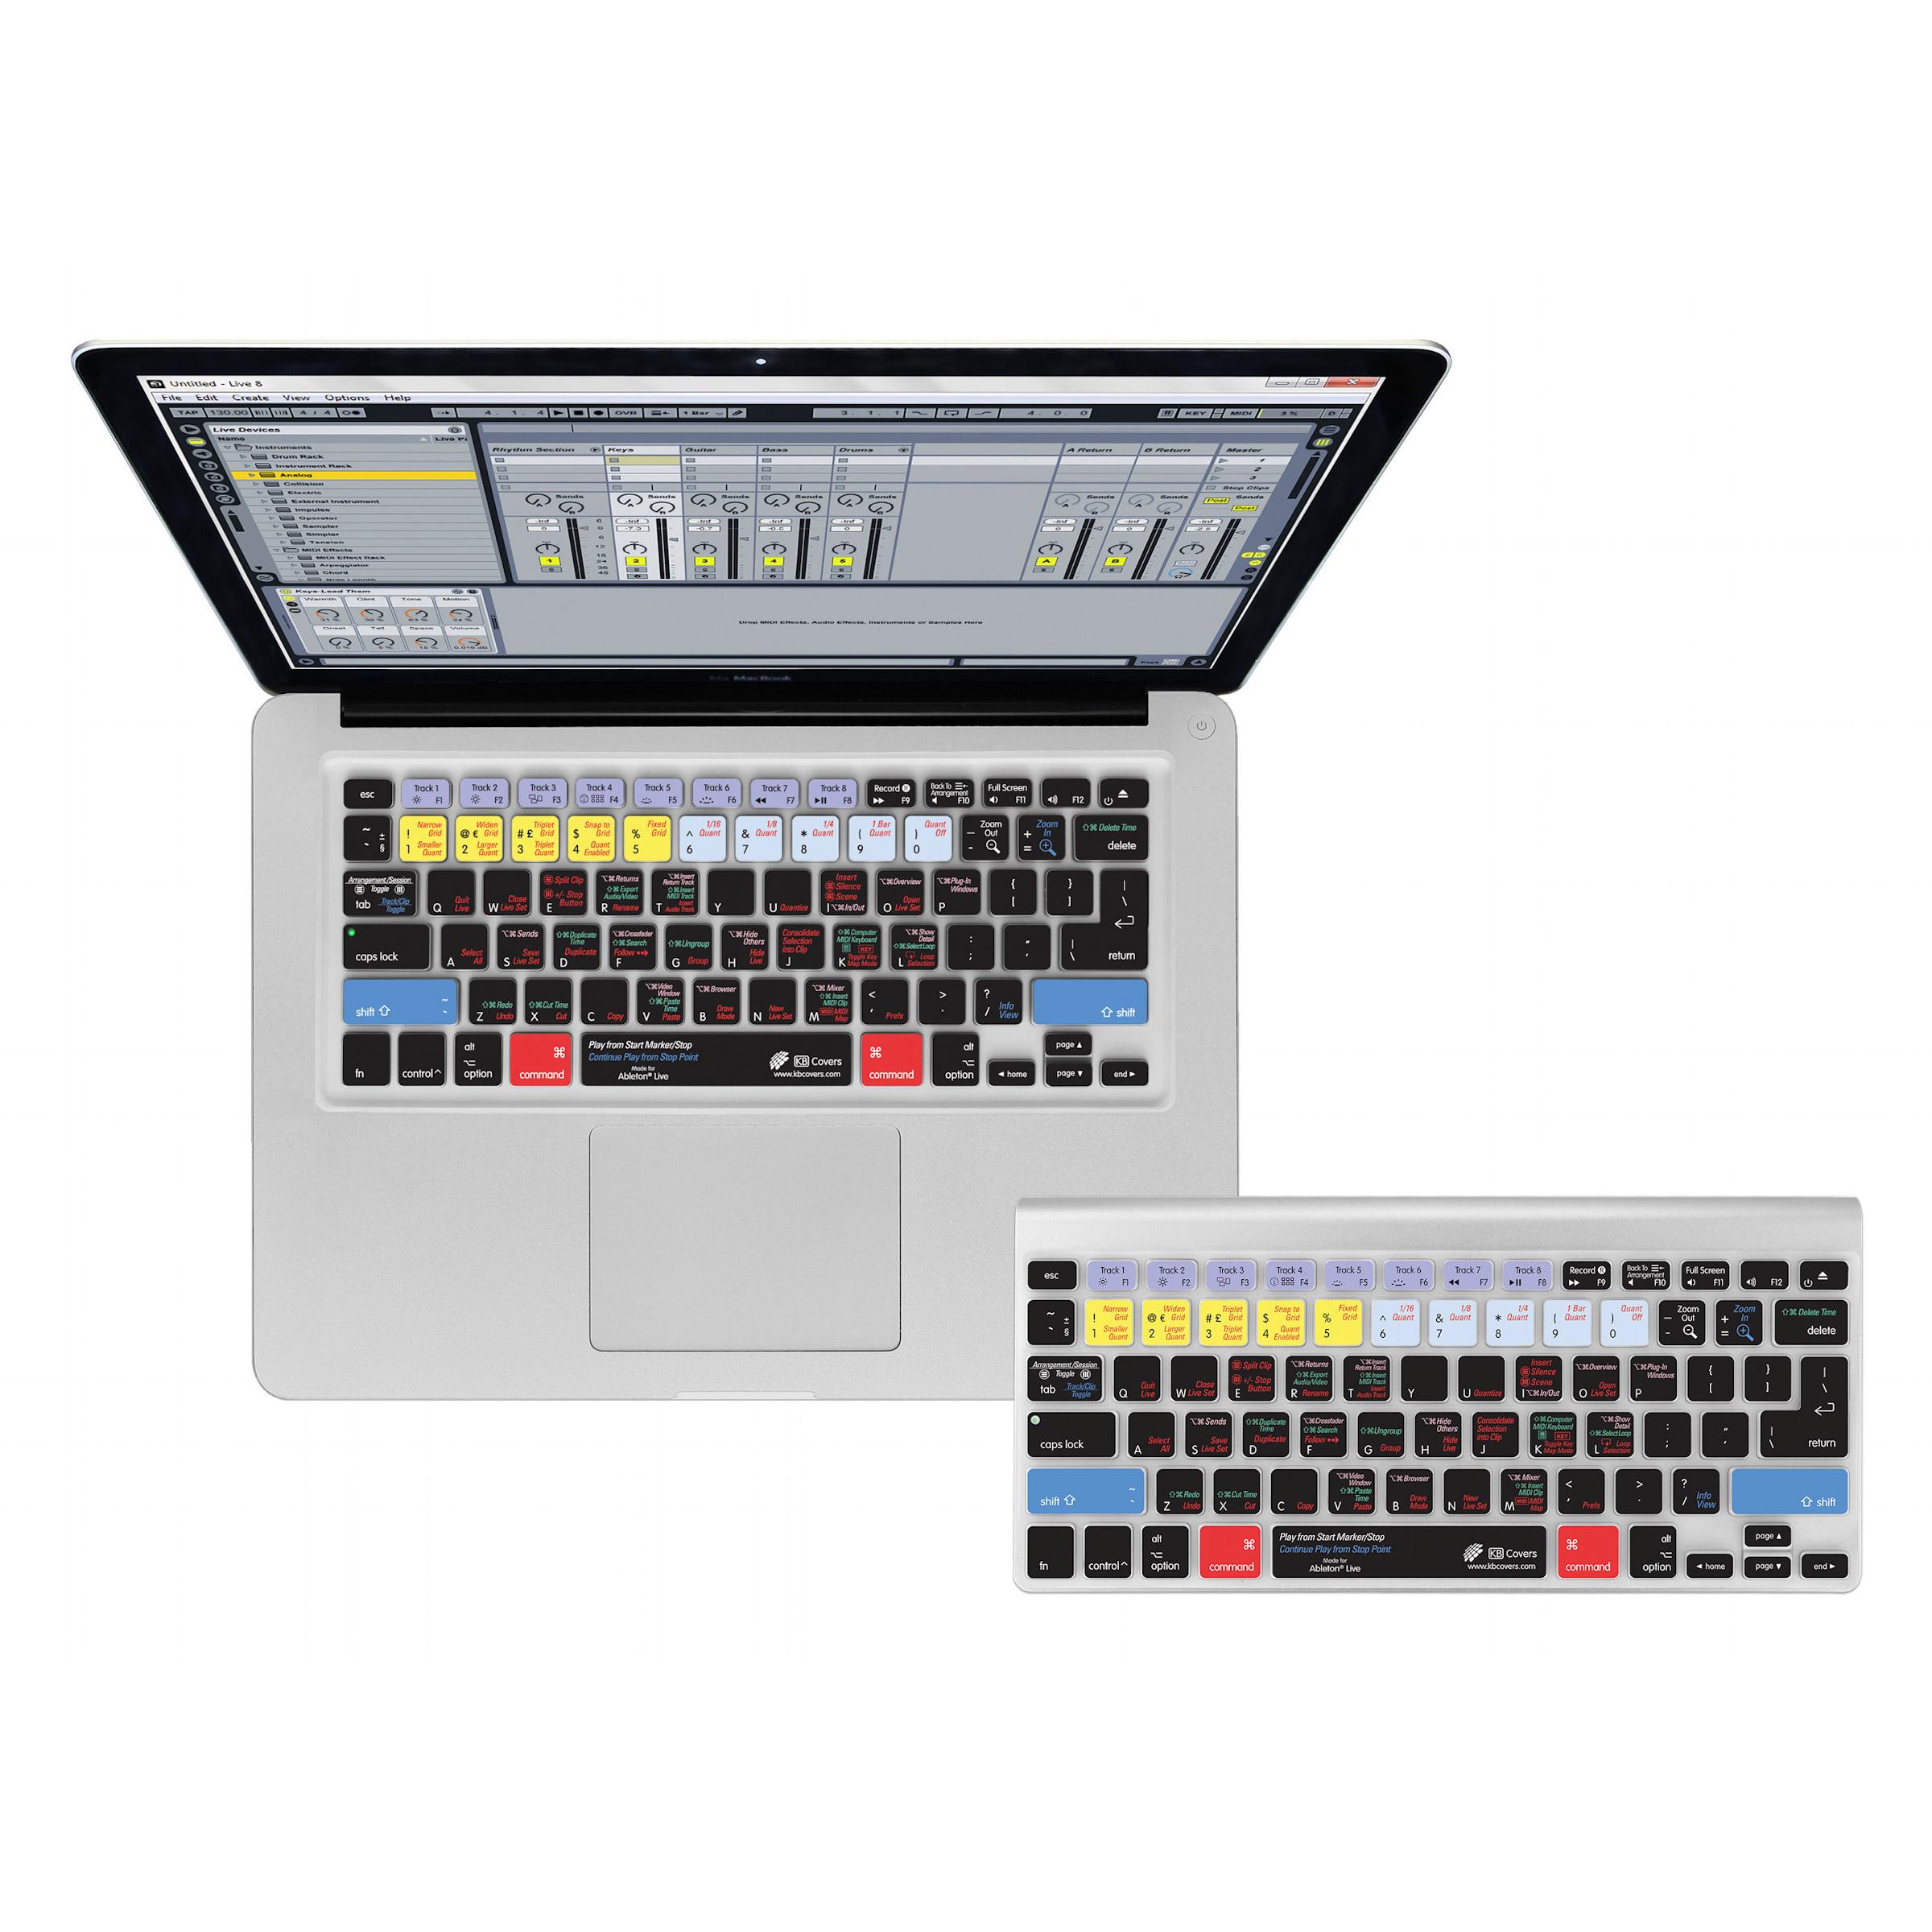 Ableton Live QWERTY Keyboard Cover - силиконова обвивка за Ableton Live софтуер за MacBook, MacBook Air и MacBook Pro